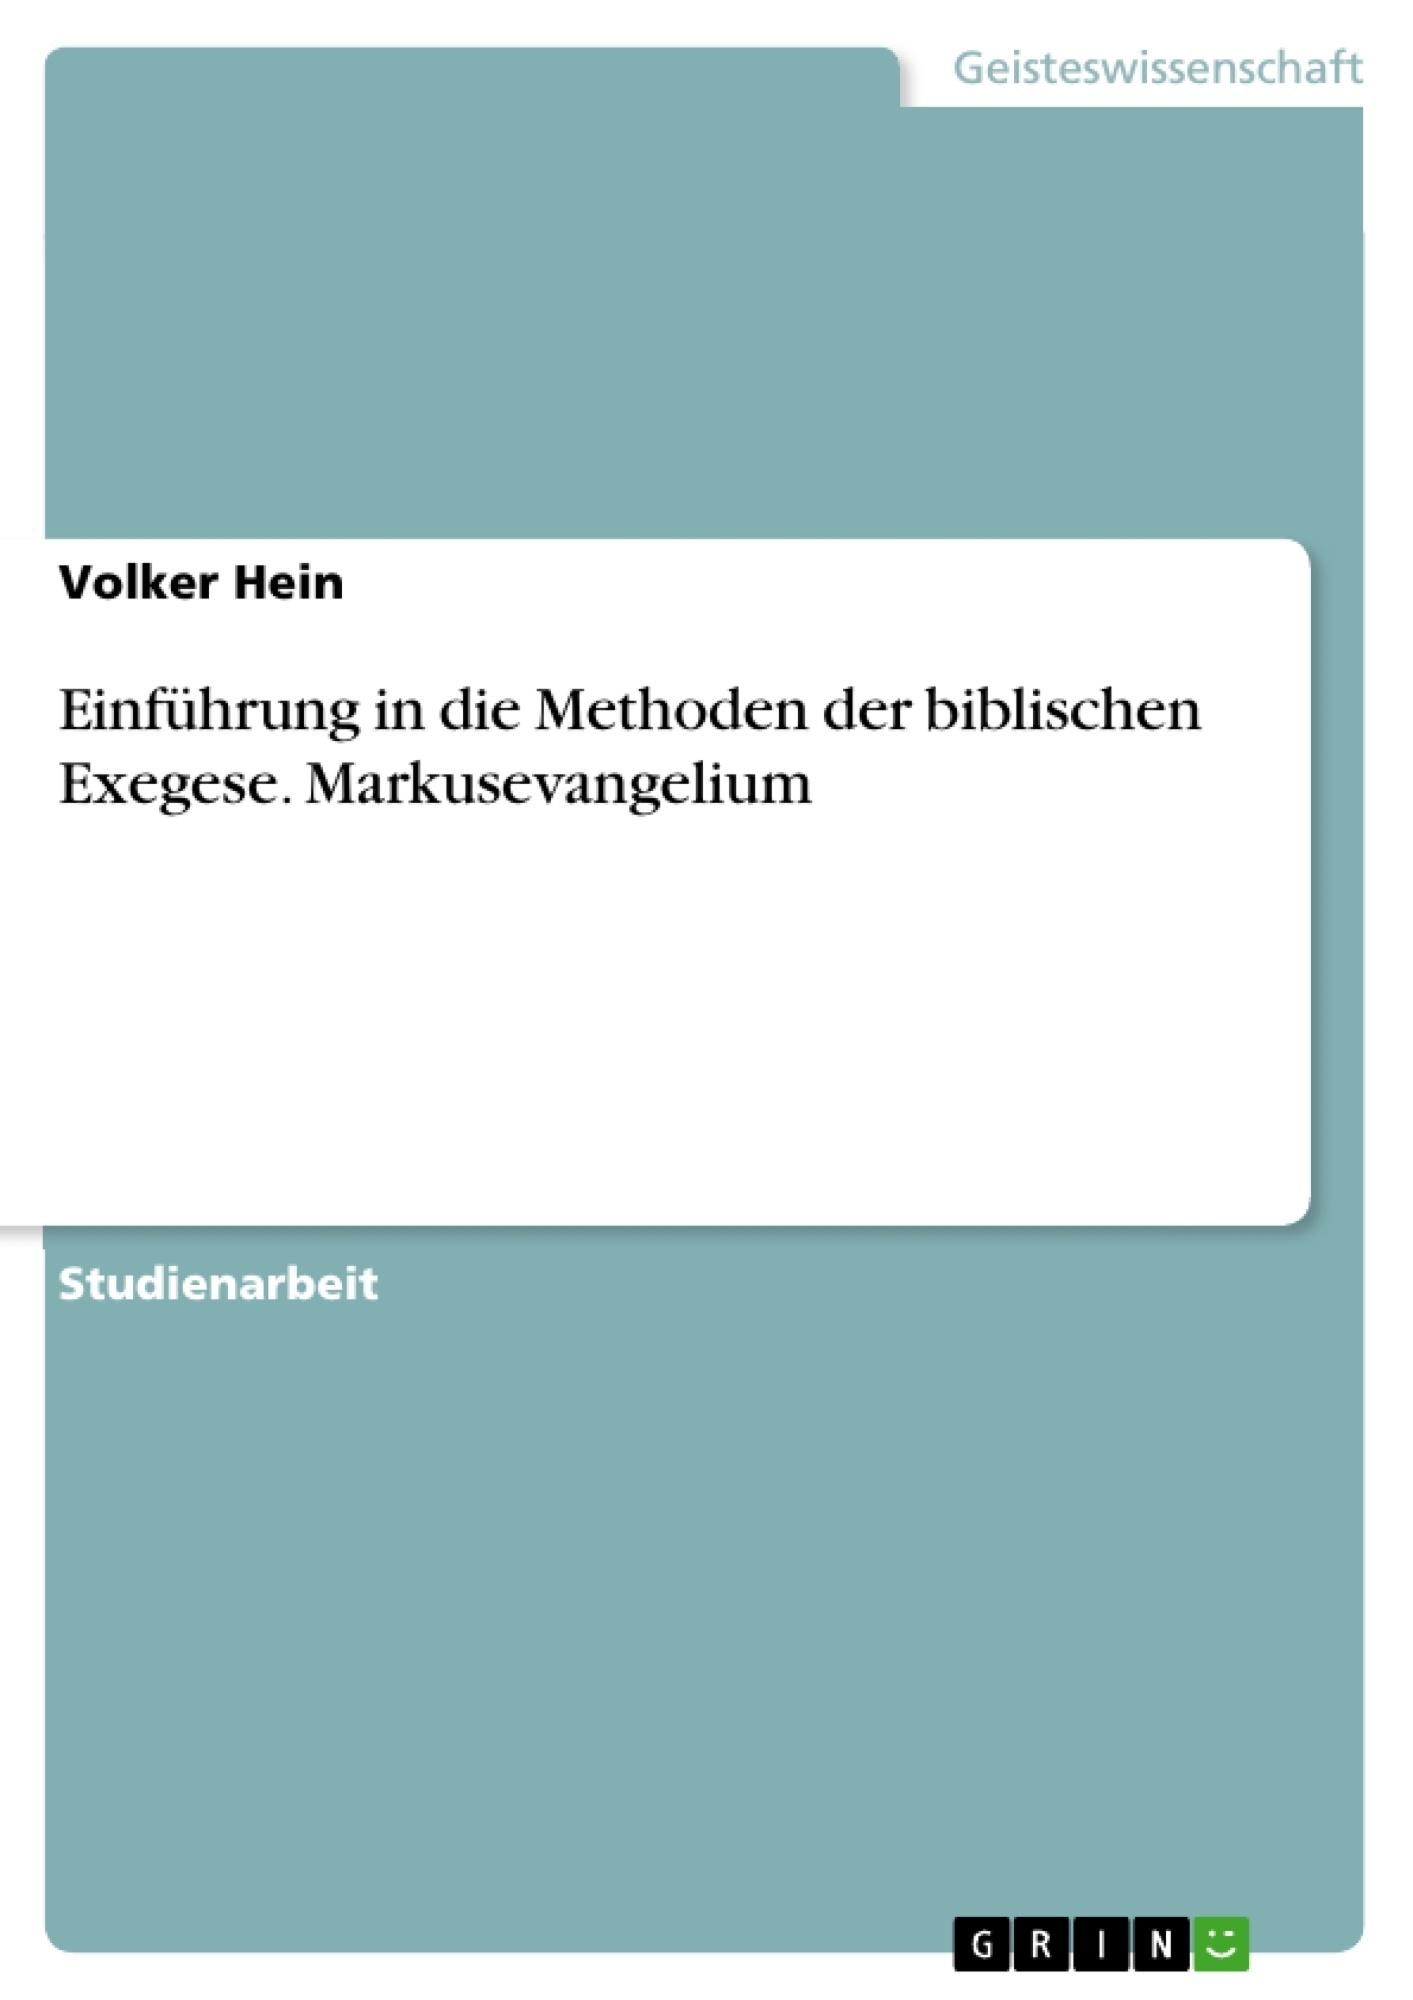 Titel: Einführung in die Methoden der biblischen Exegese. Markusevangelium